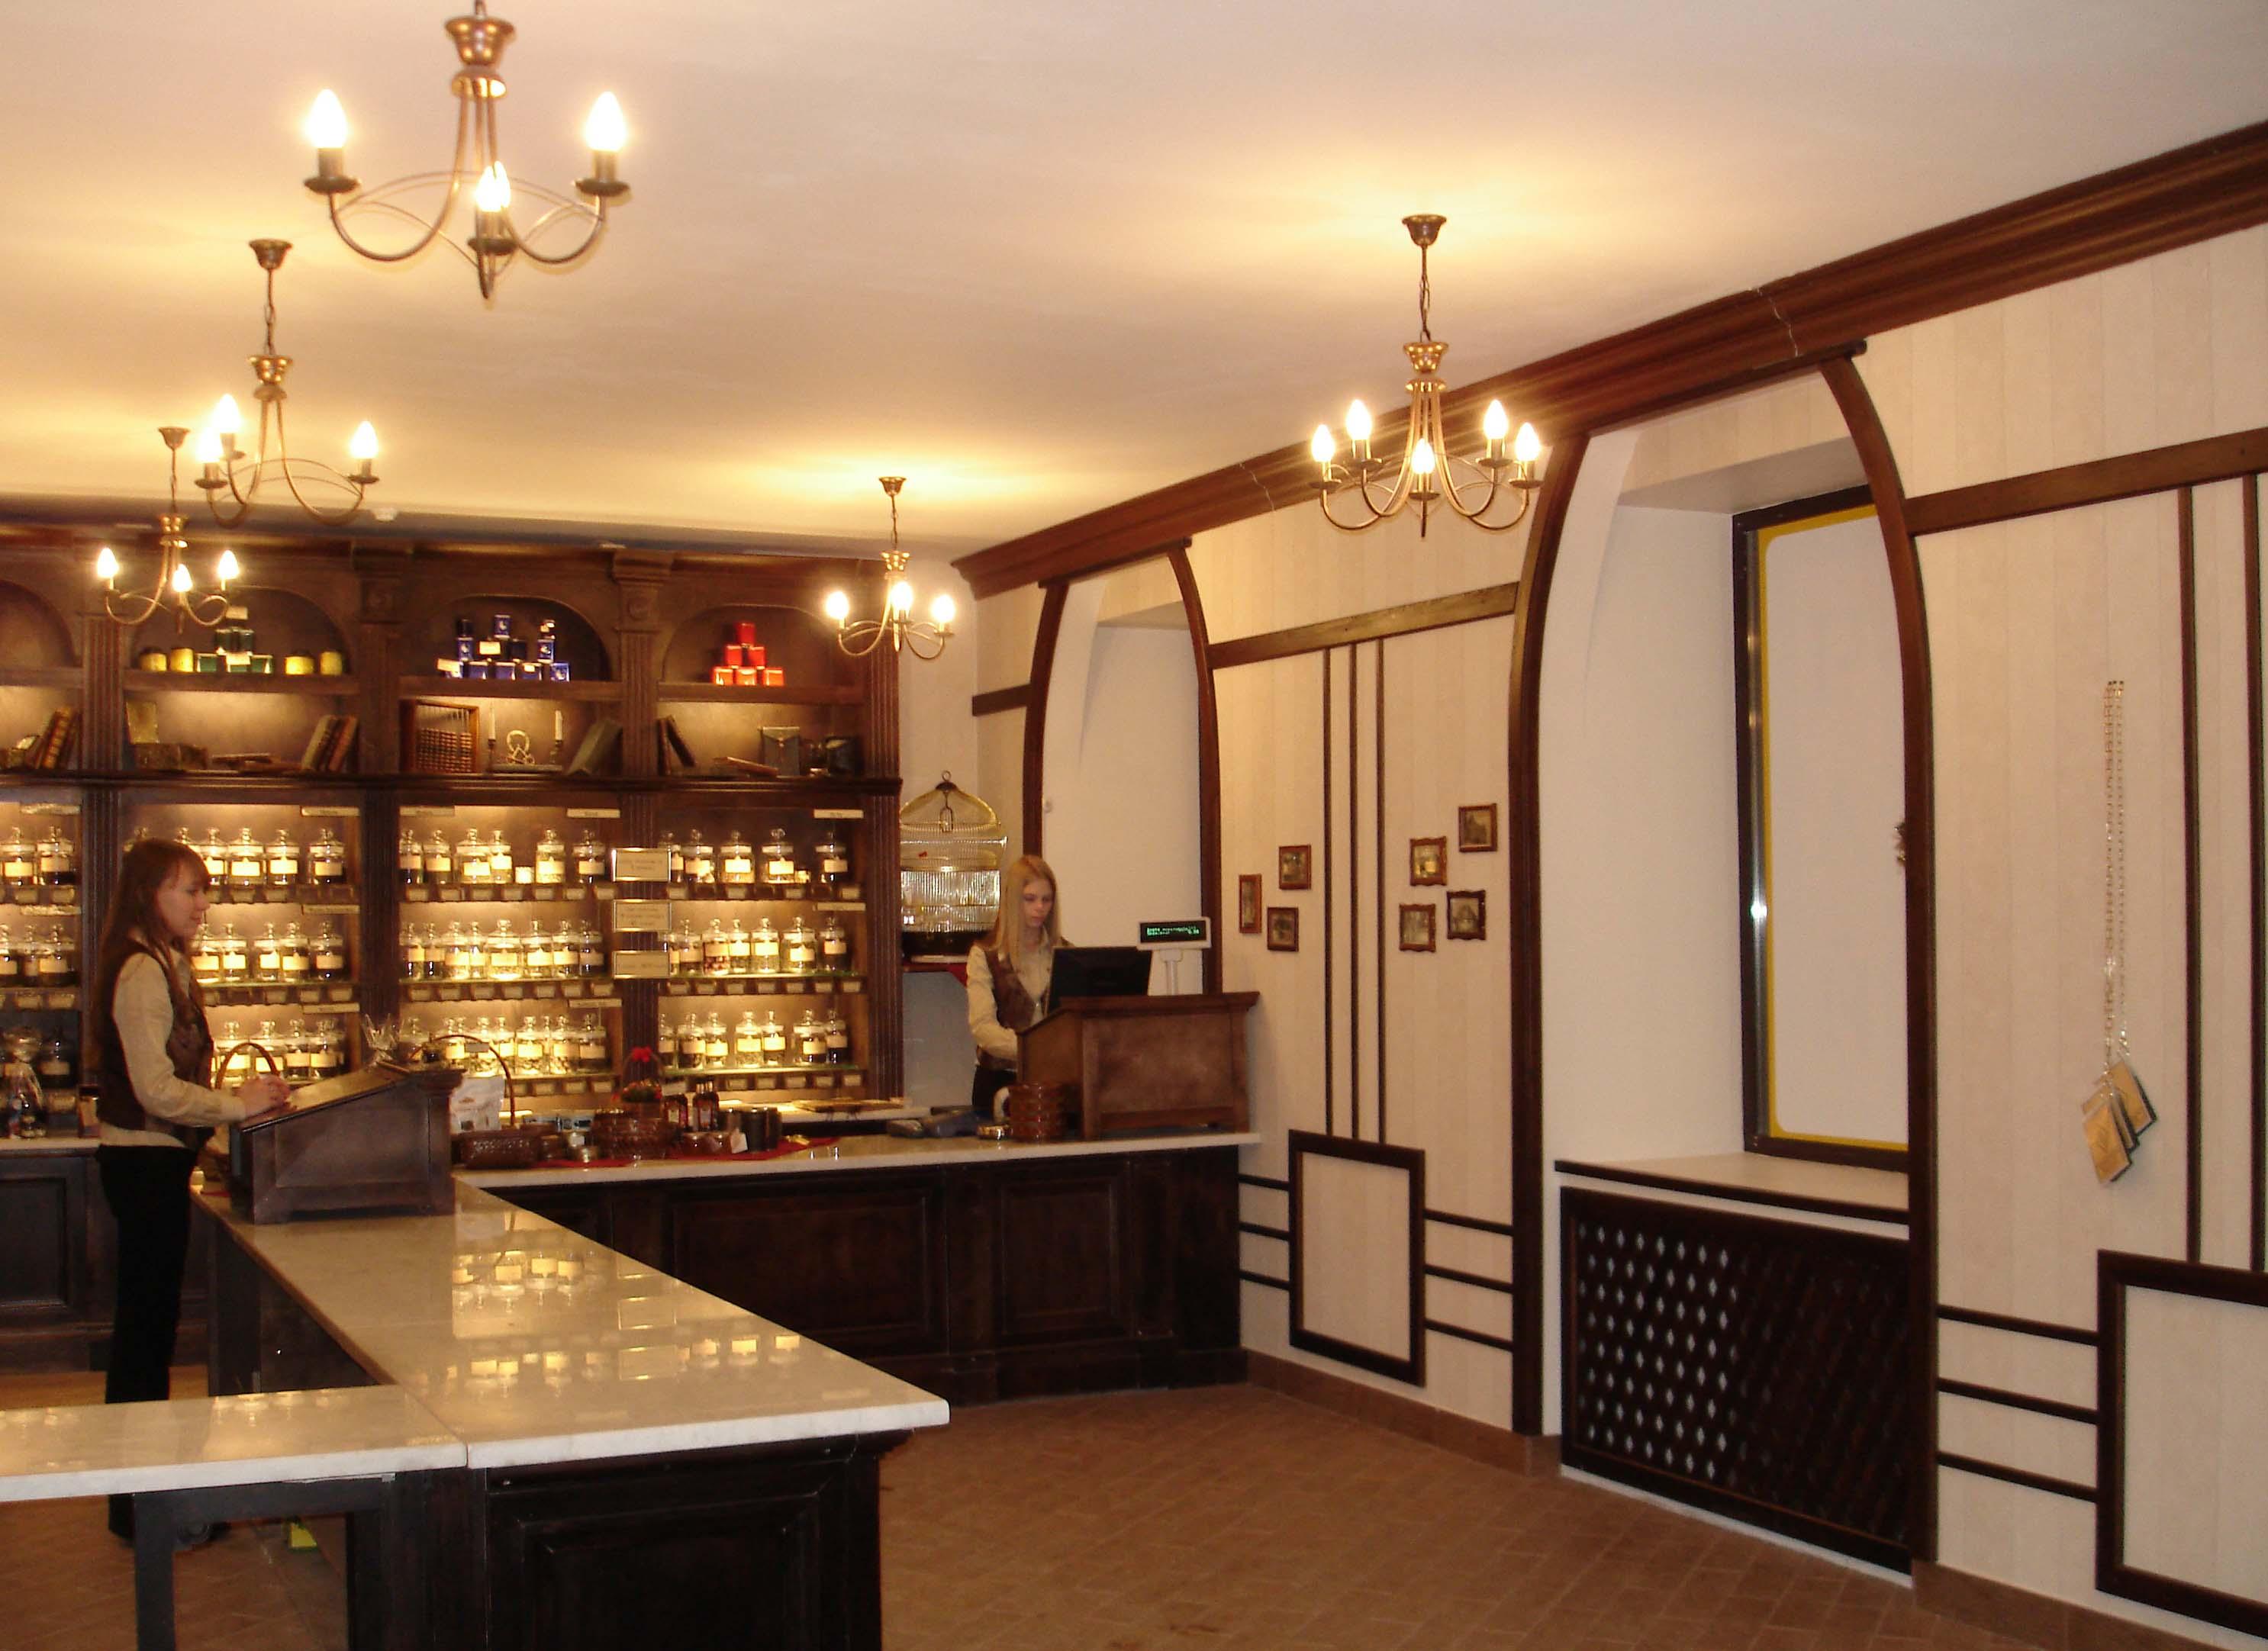 Фото реализованного интерьера чайного магазина